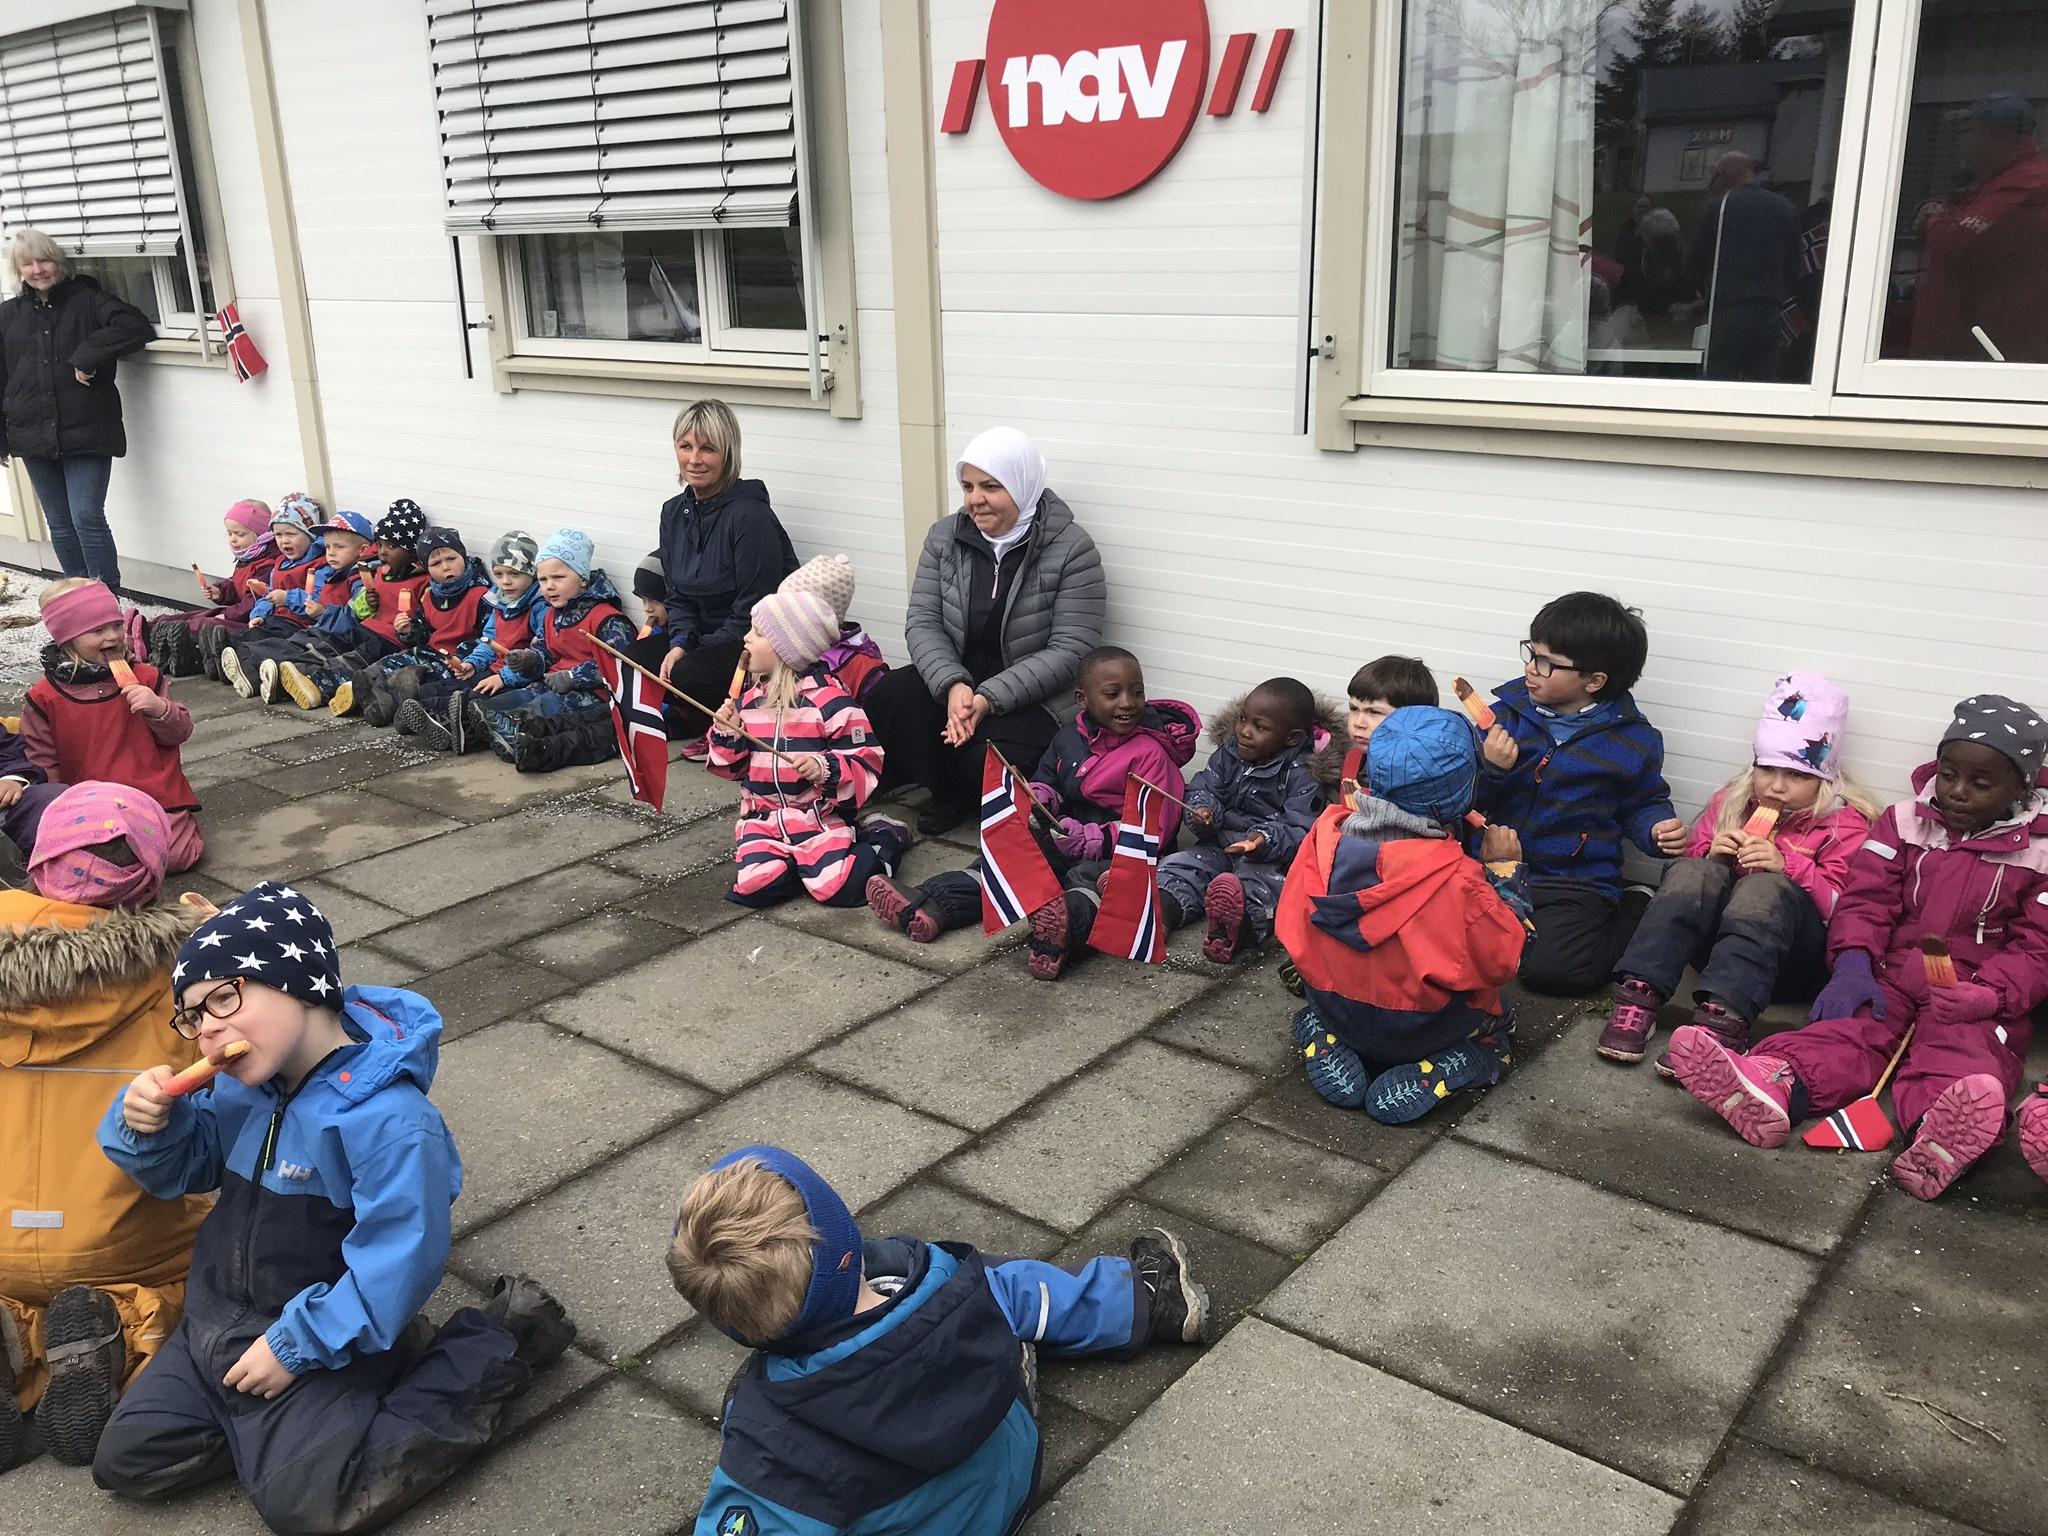 Herøy barnehage på besøk_isspising3